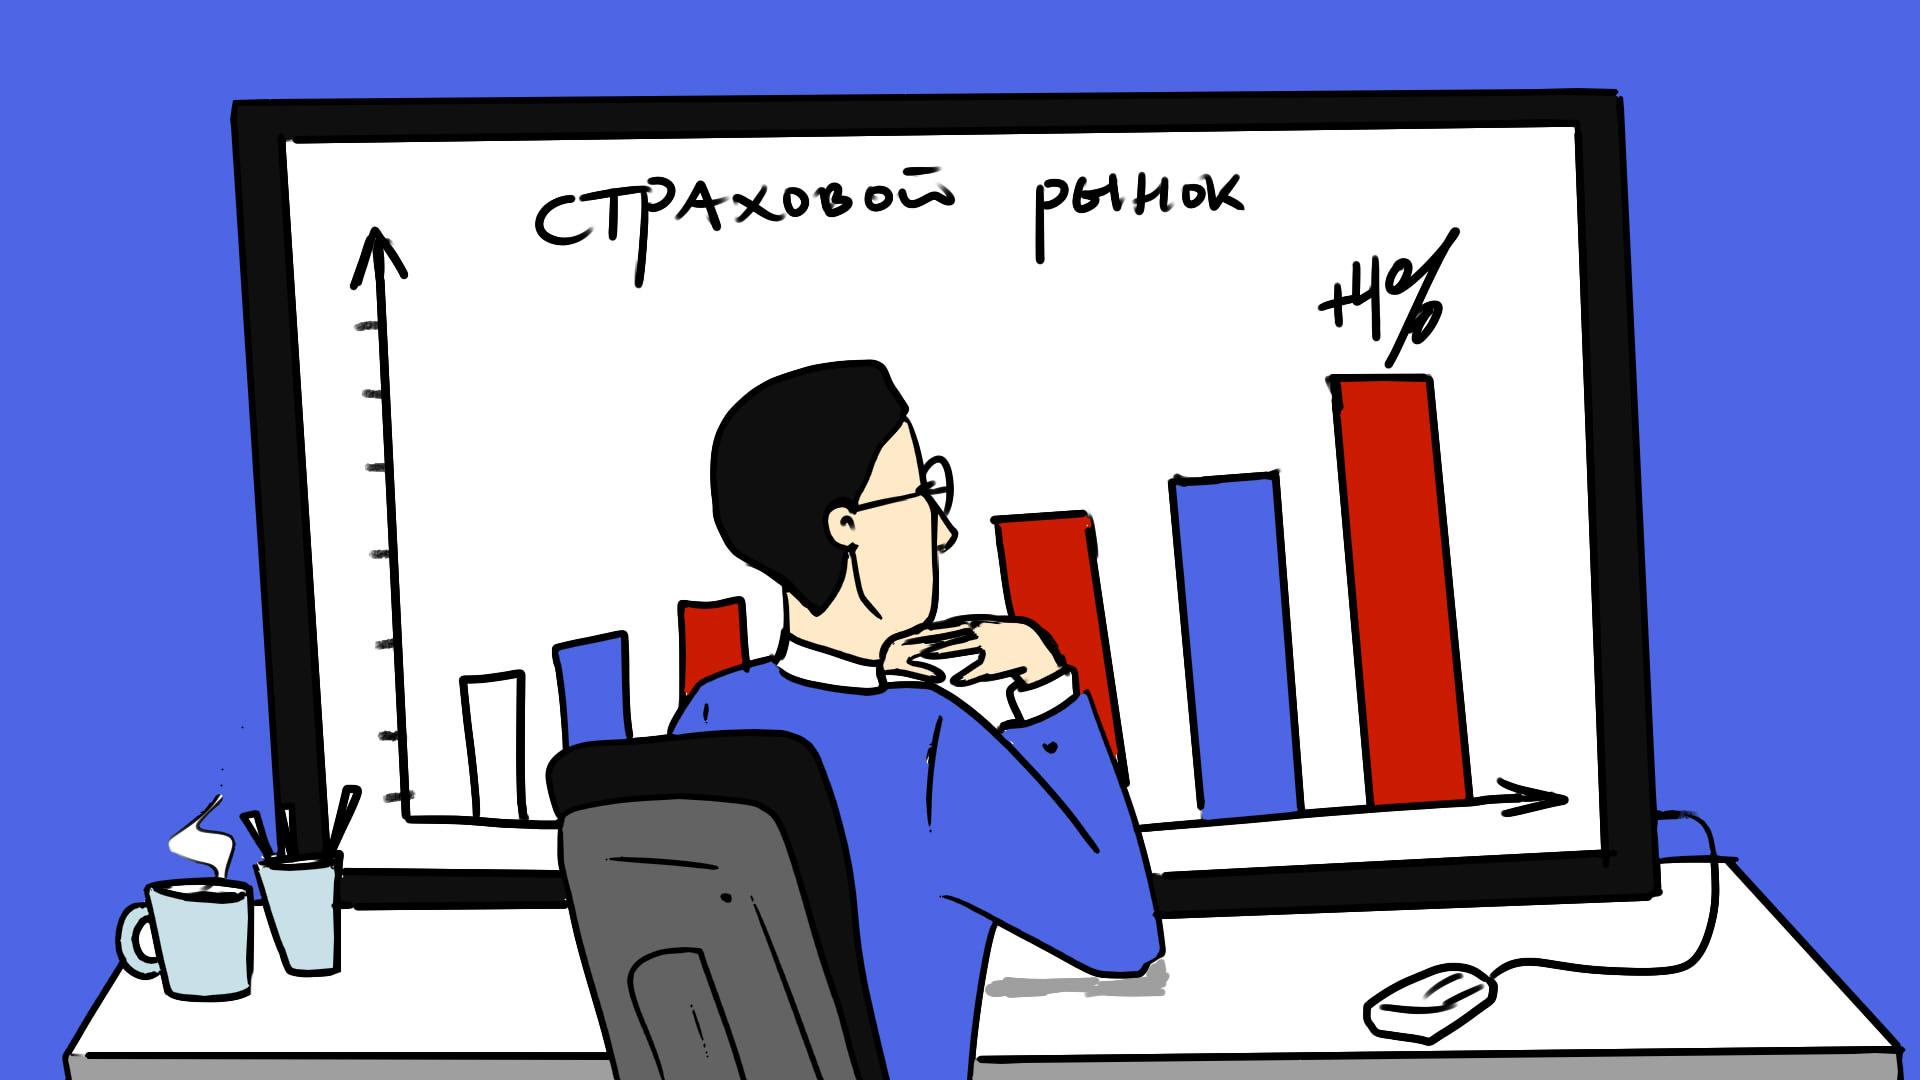 Страхование сегодня: итоги 2020 года по данным ЦБ РФ от эксперта Зубца А.Н.